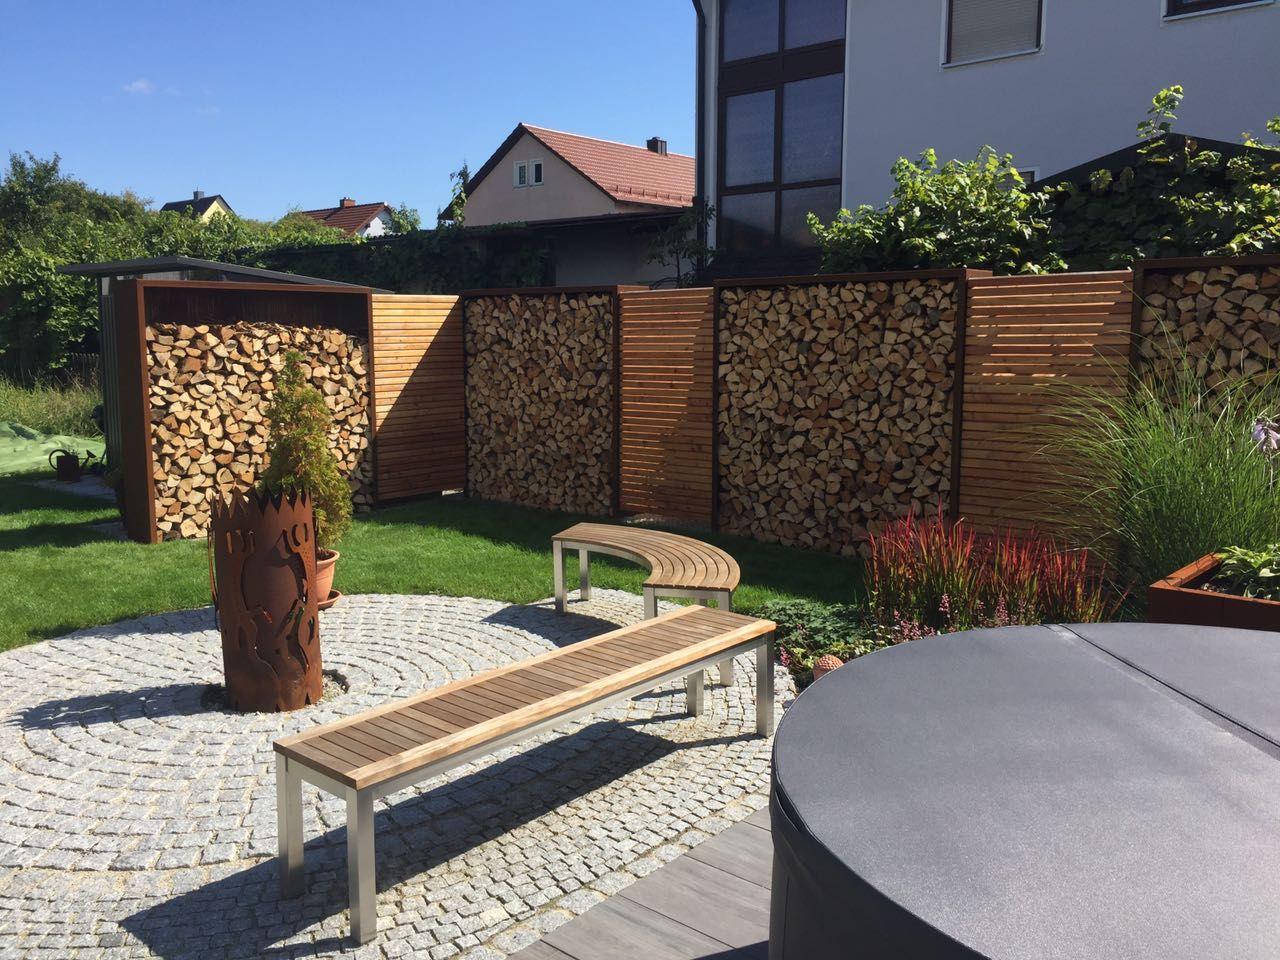 Wohnraum Garten LIGUNA Holzlager aus Cortenstahl in Kombination